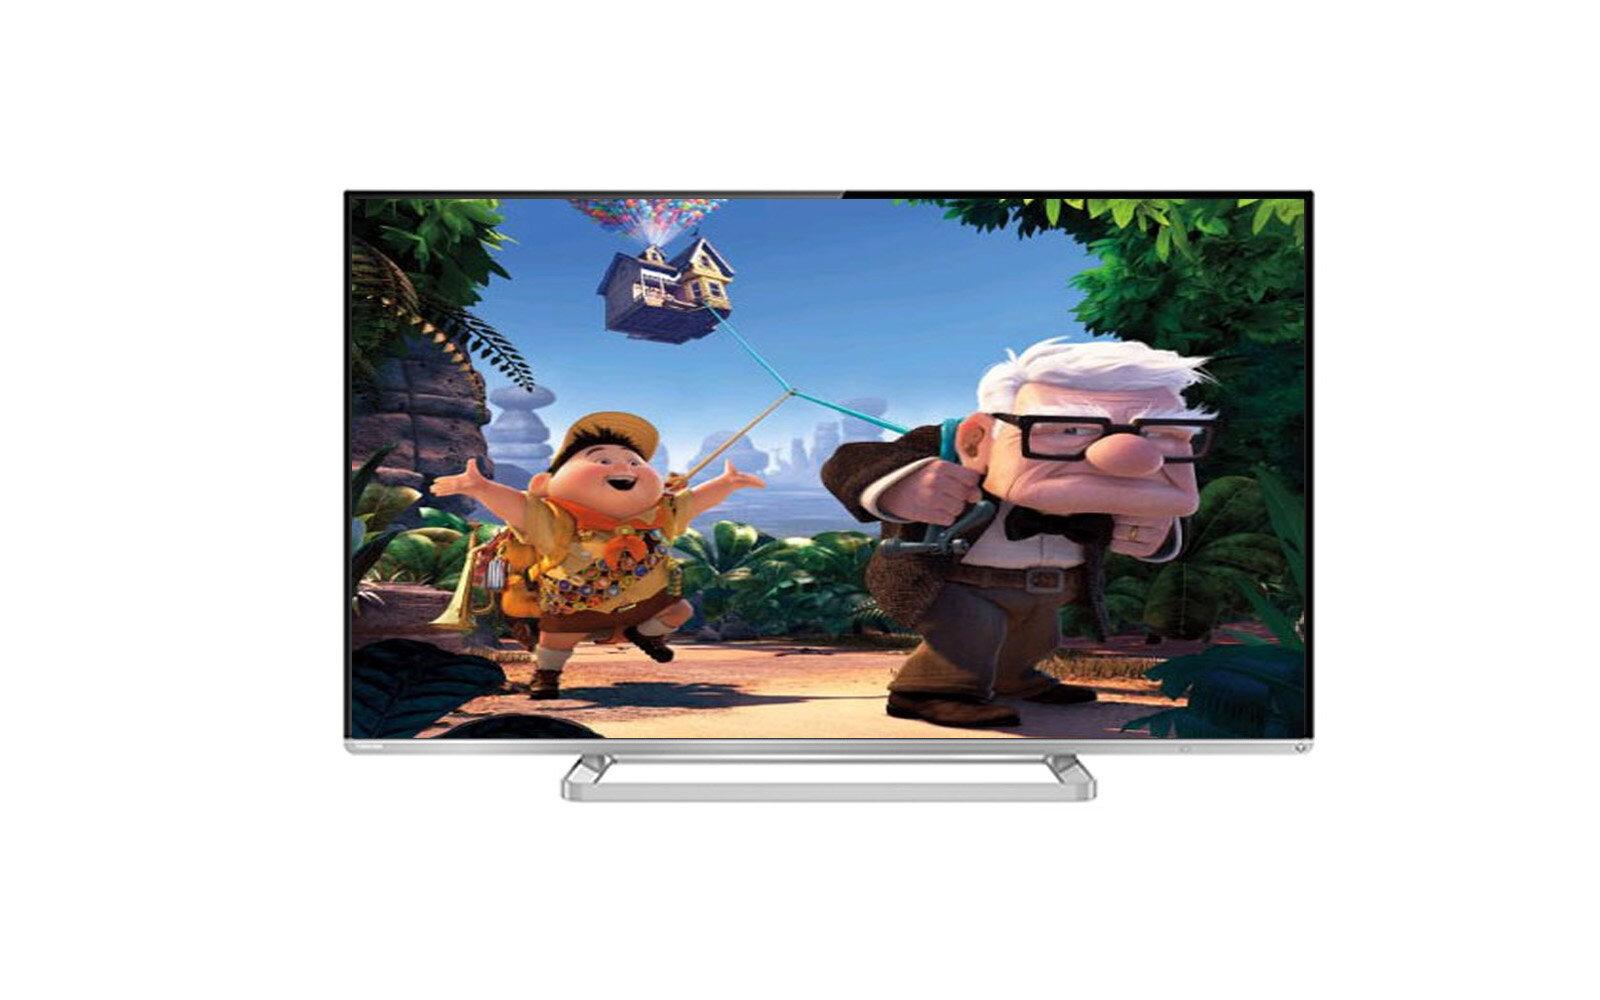 Đánh giá Tivi LED Toshiba 40L5450 (40L5450VN) – 40 inch, Full HD (1920 x 1080)